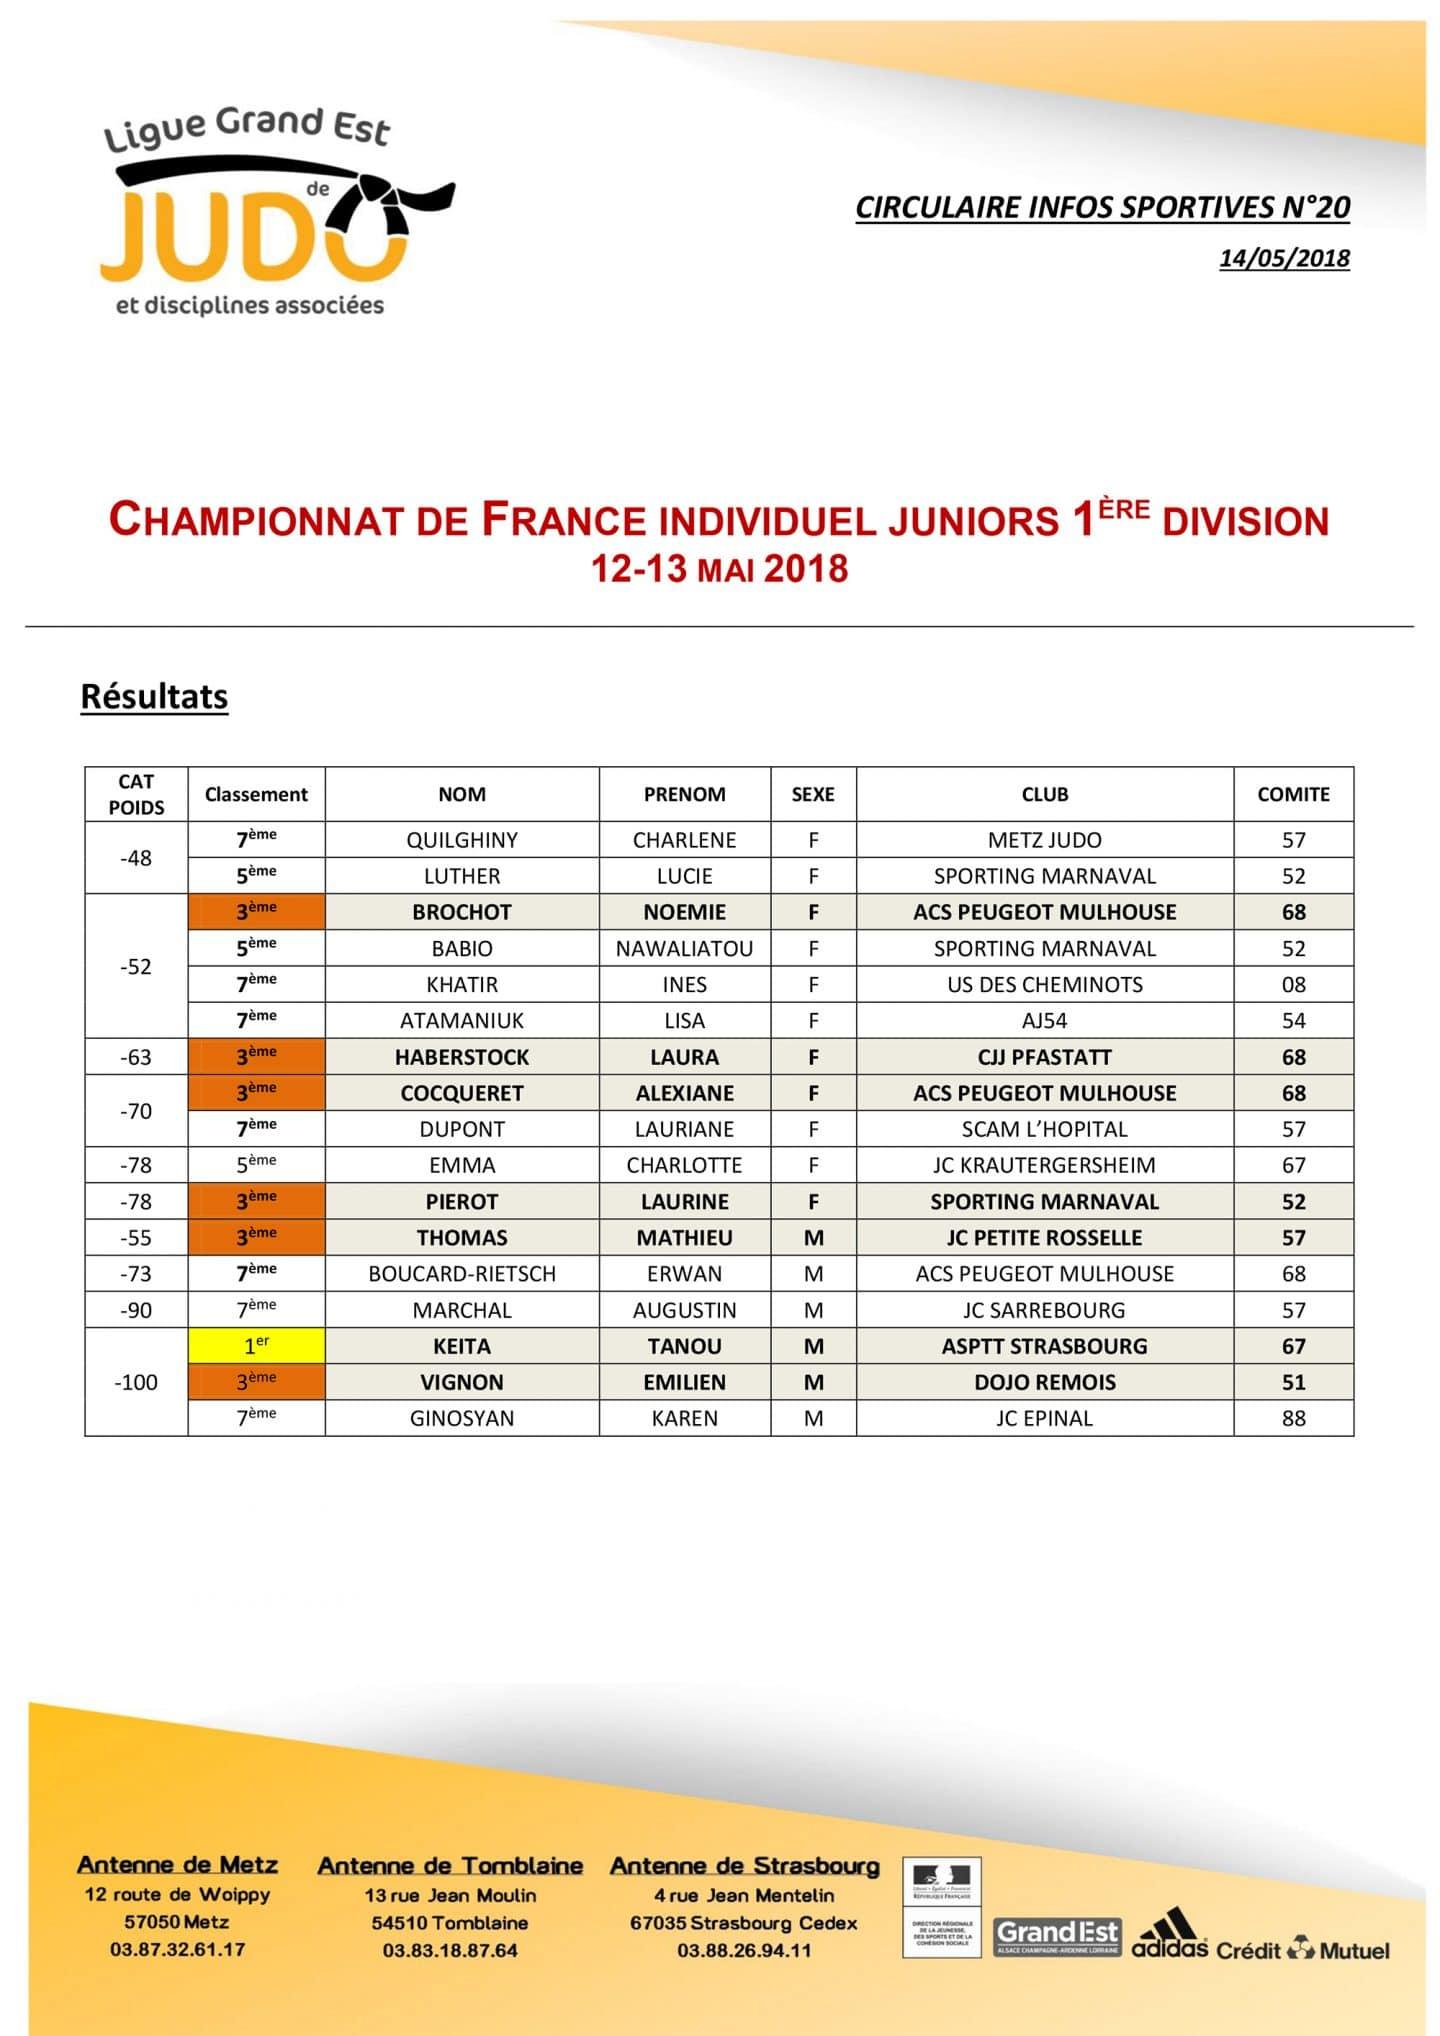 infos_sportives_circulaire8_n20_180513